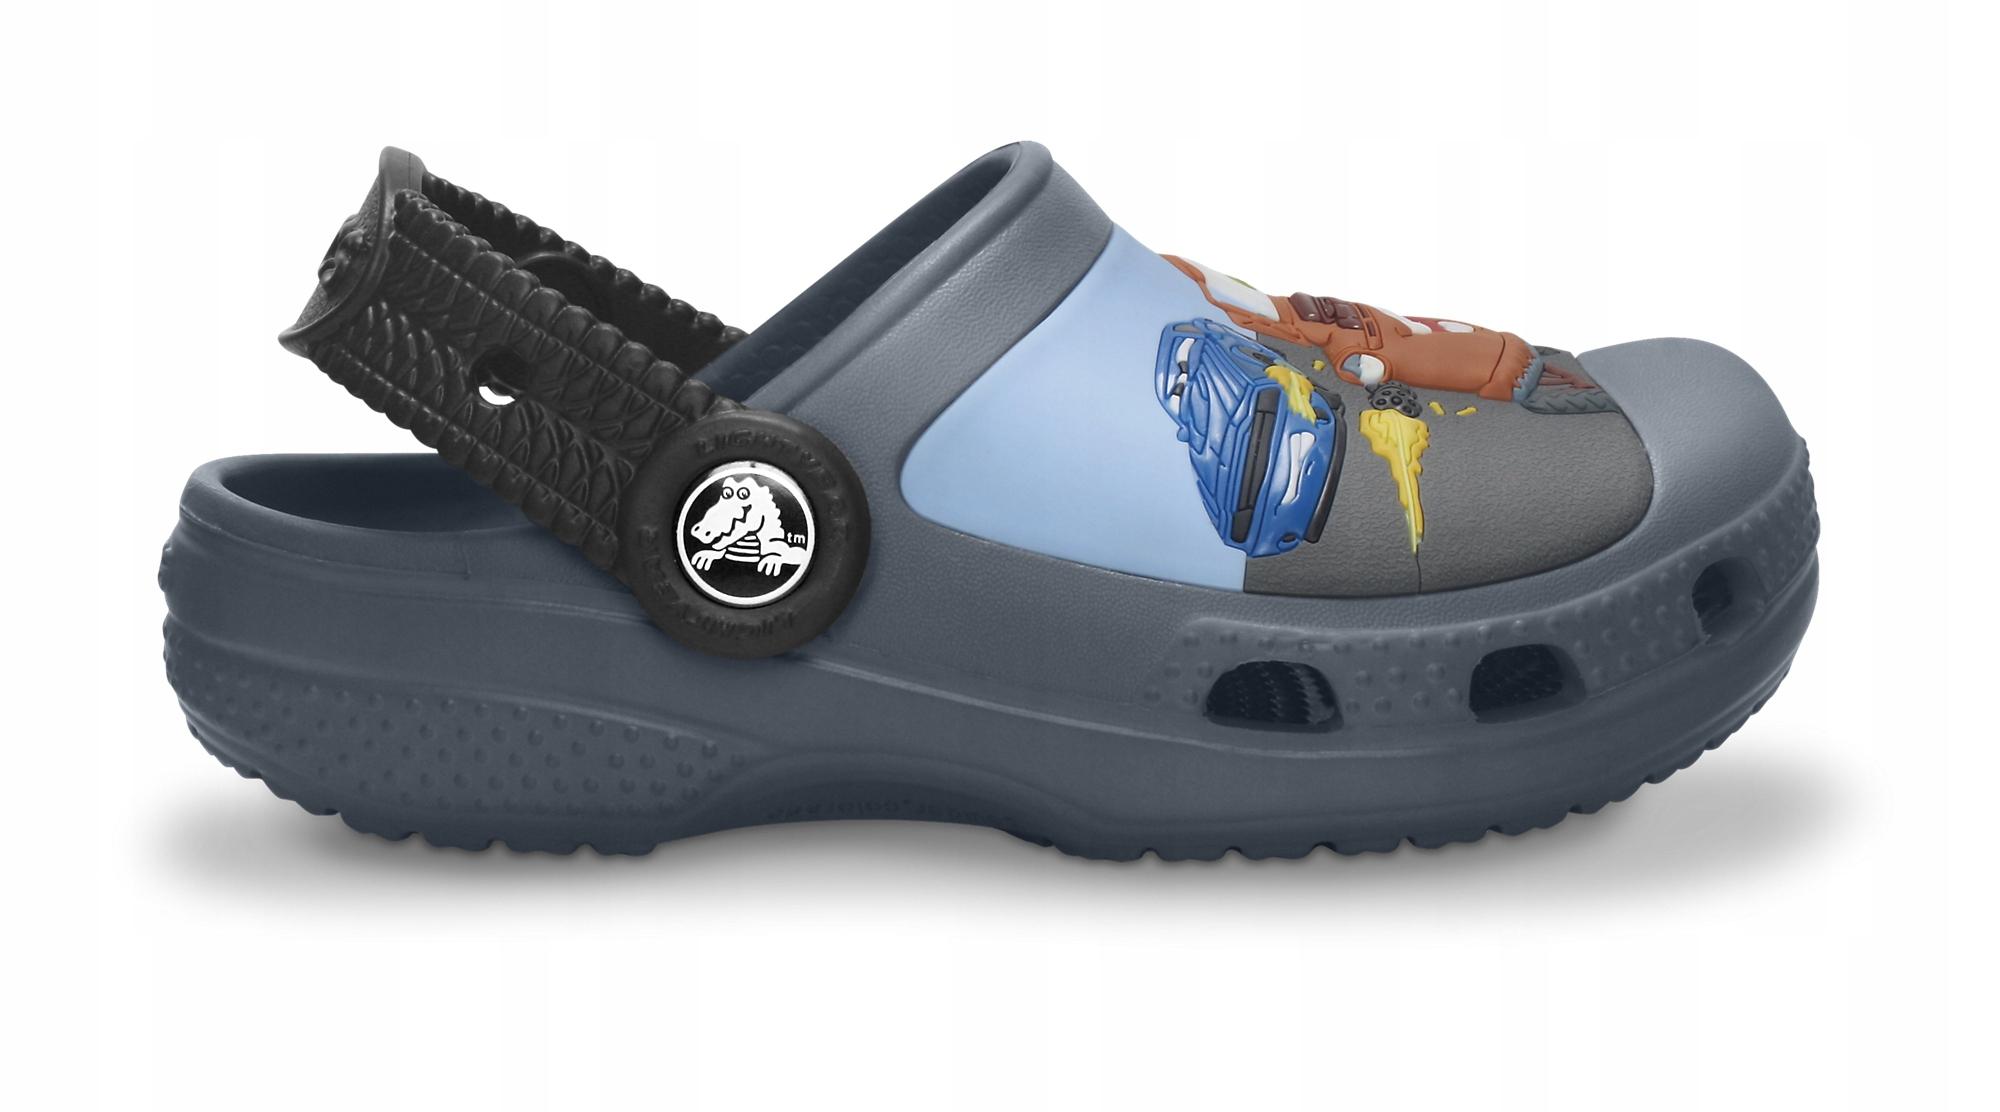 Klapki Crocs Autka C4/5 (20)